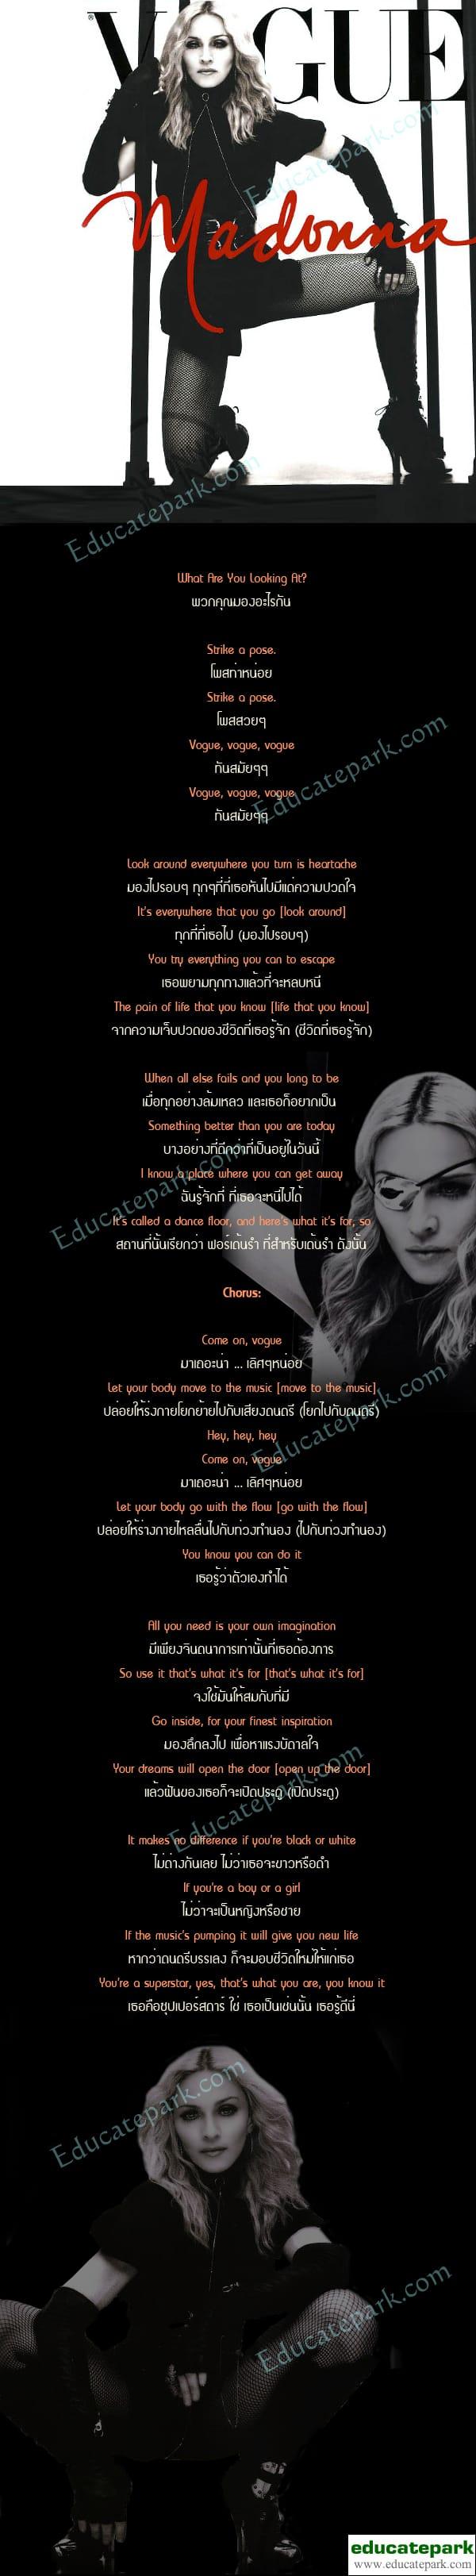 แปลเพลง Vogue - Madonna